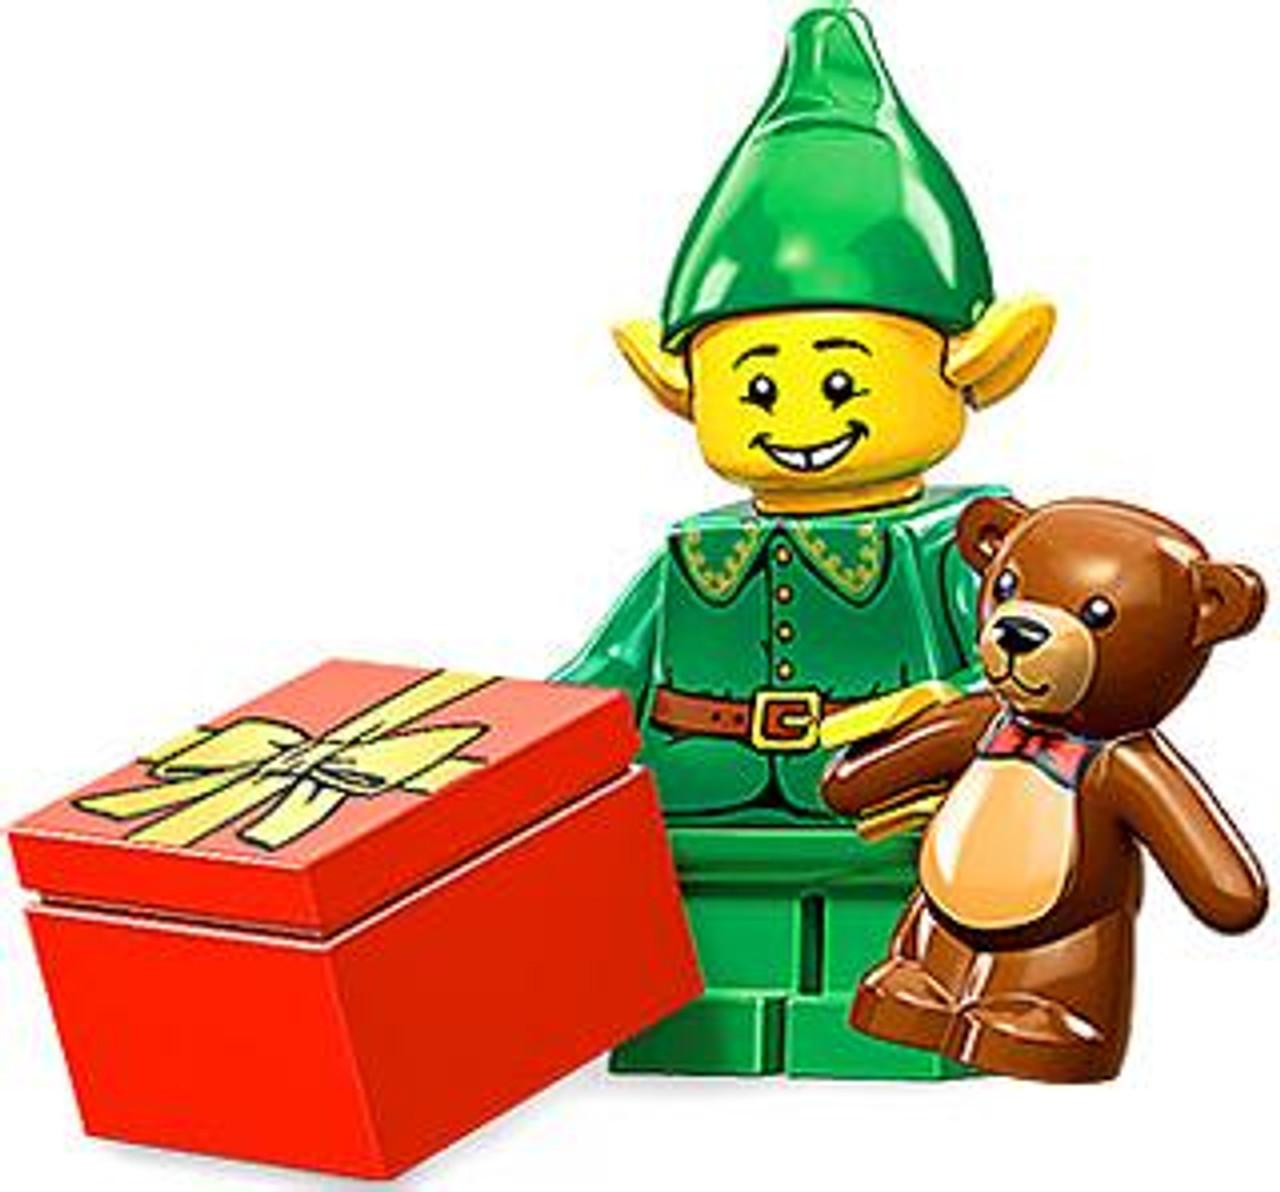 LEGO Minifigures Series 11 Holiday Elf Minifigure Loose ...